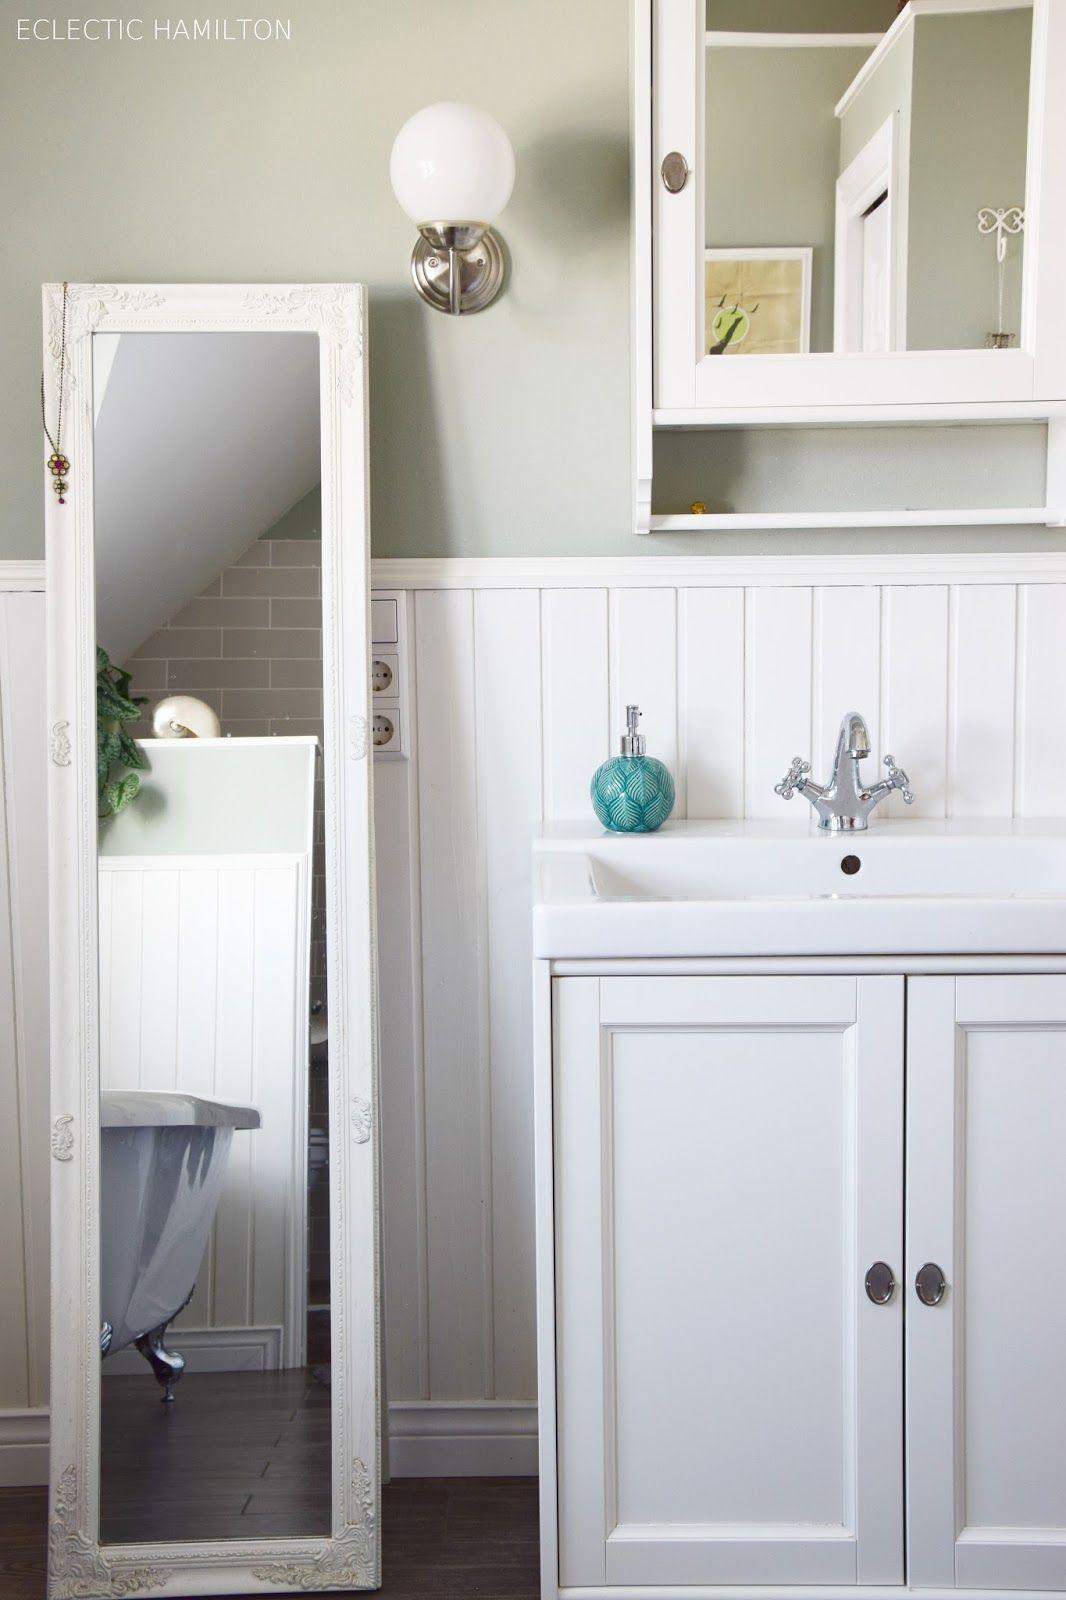 Meine Badezimmer-Deko und gute Gedanken hinter Glas   Mein Blog ...